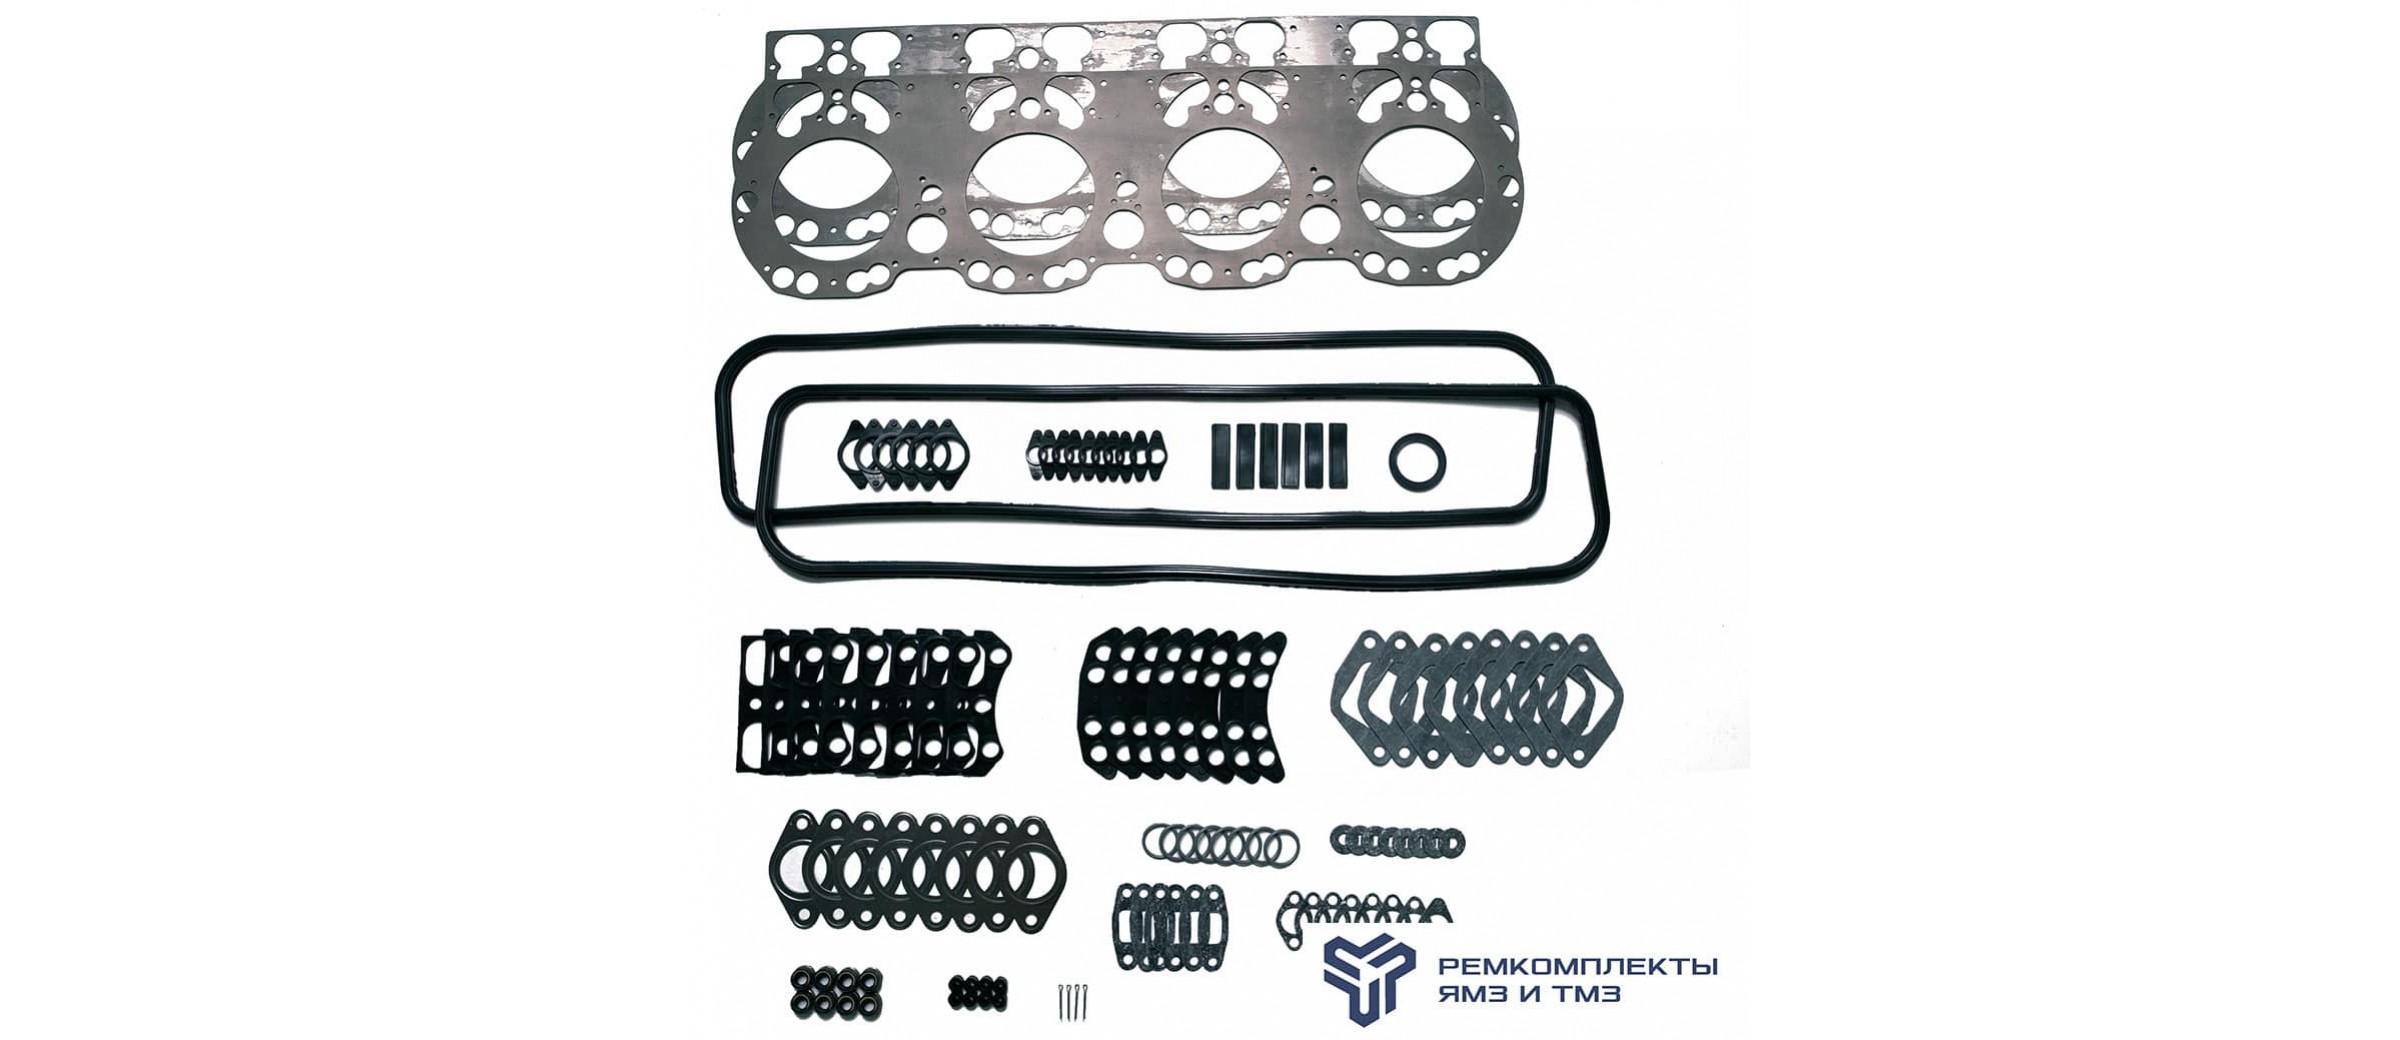 Ремкомплект головок блок (общая) на 1 двигатель (17 позиций)